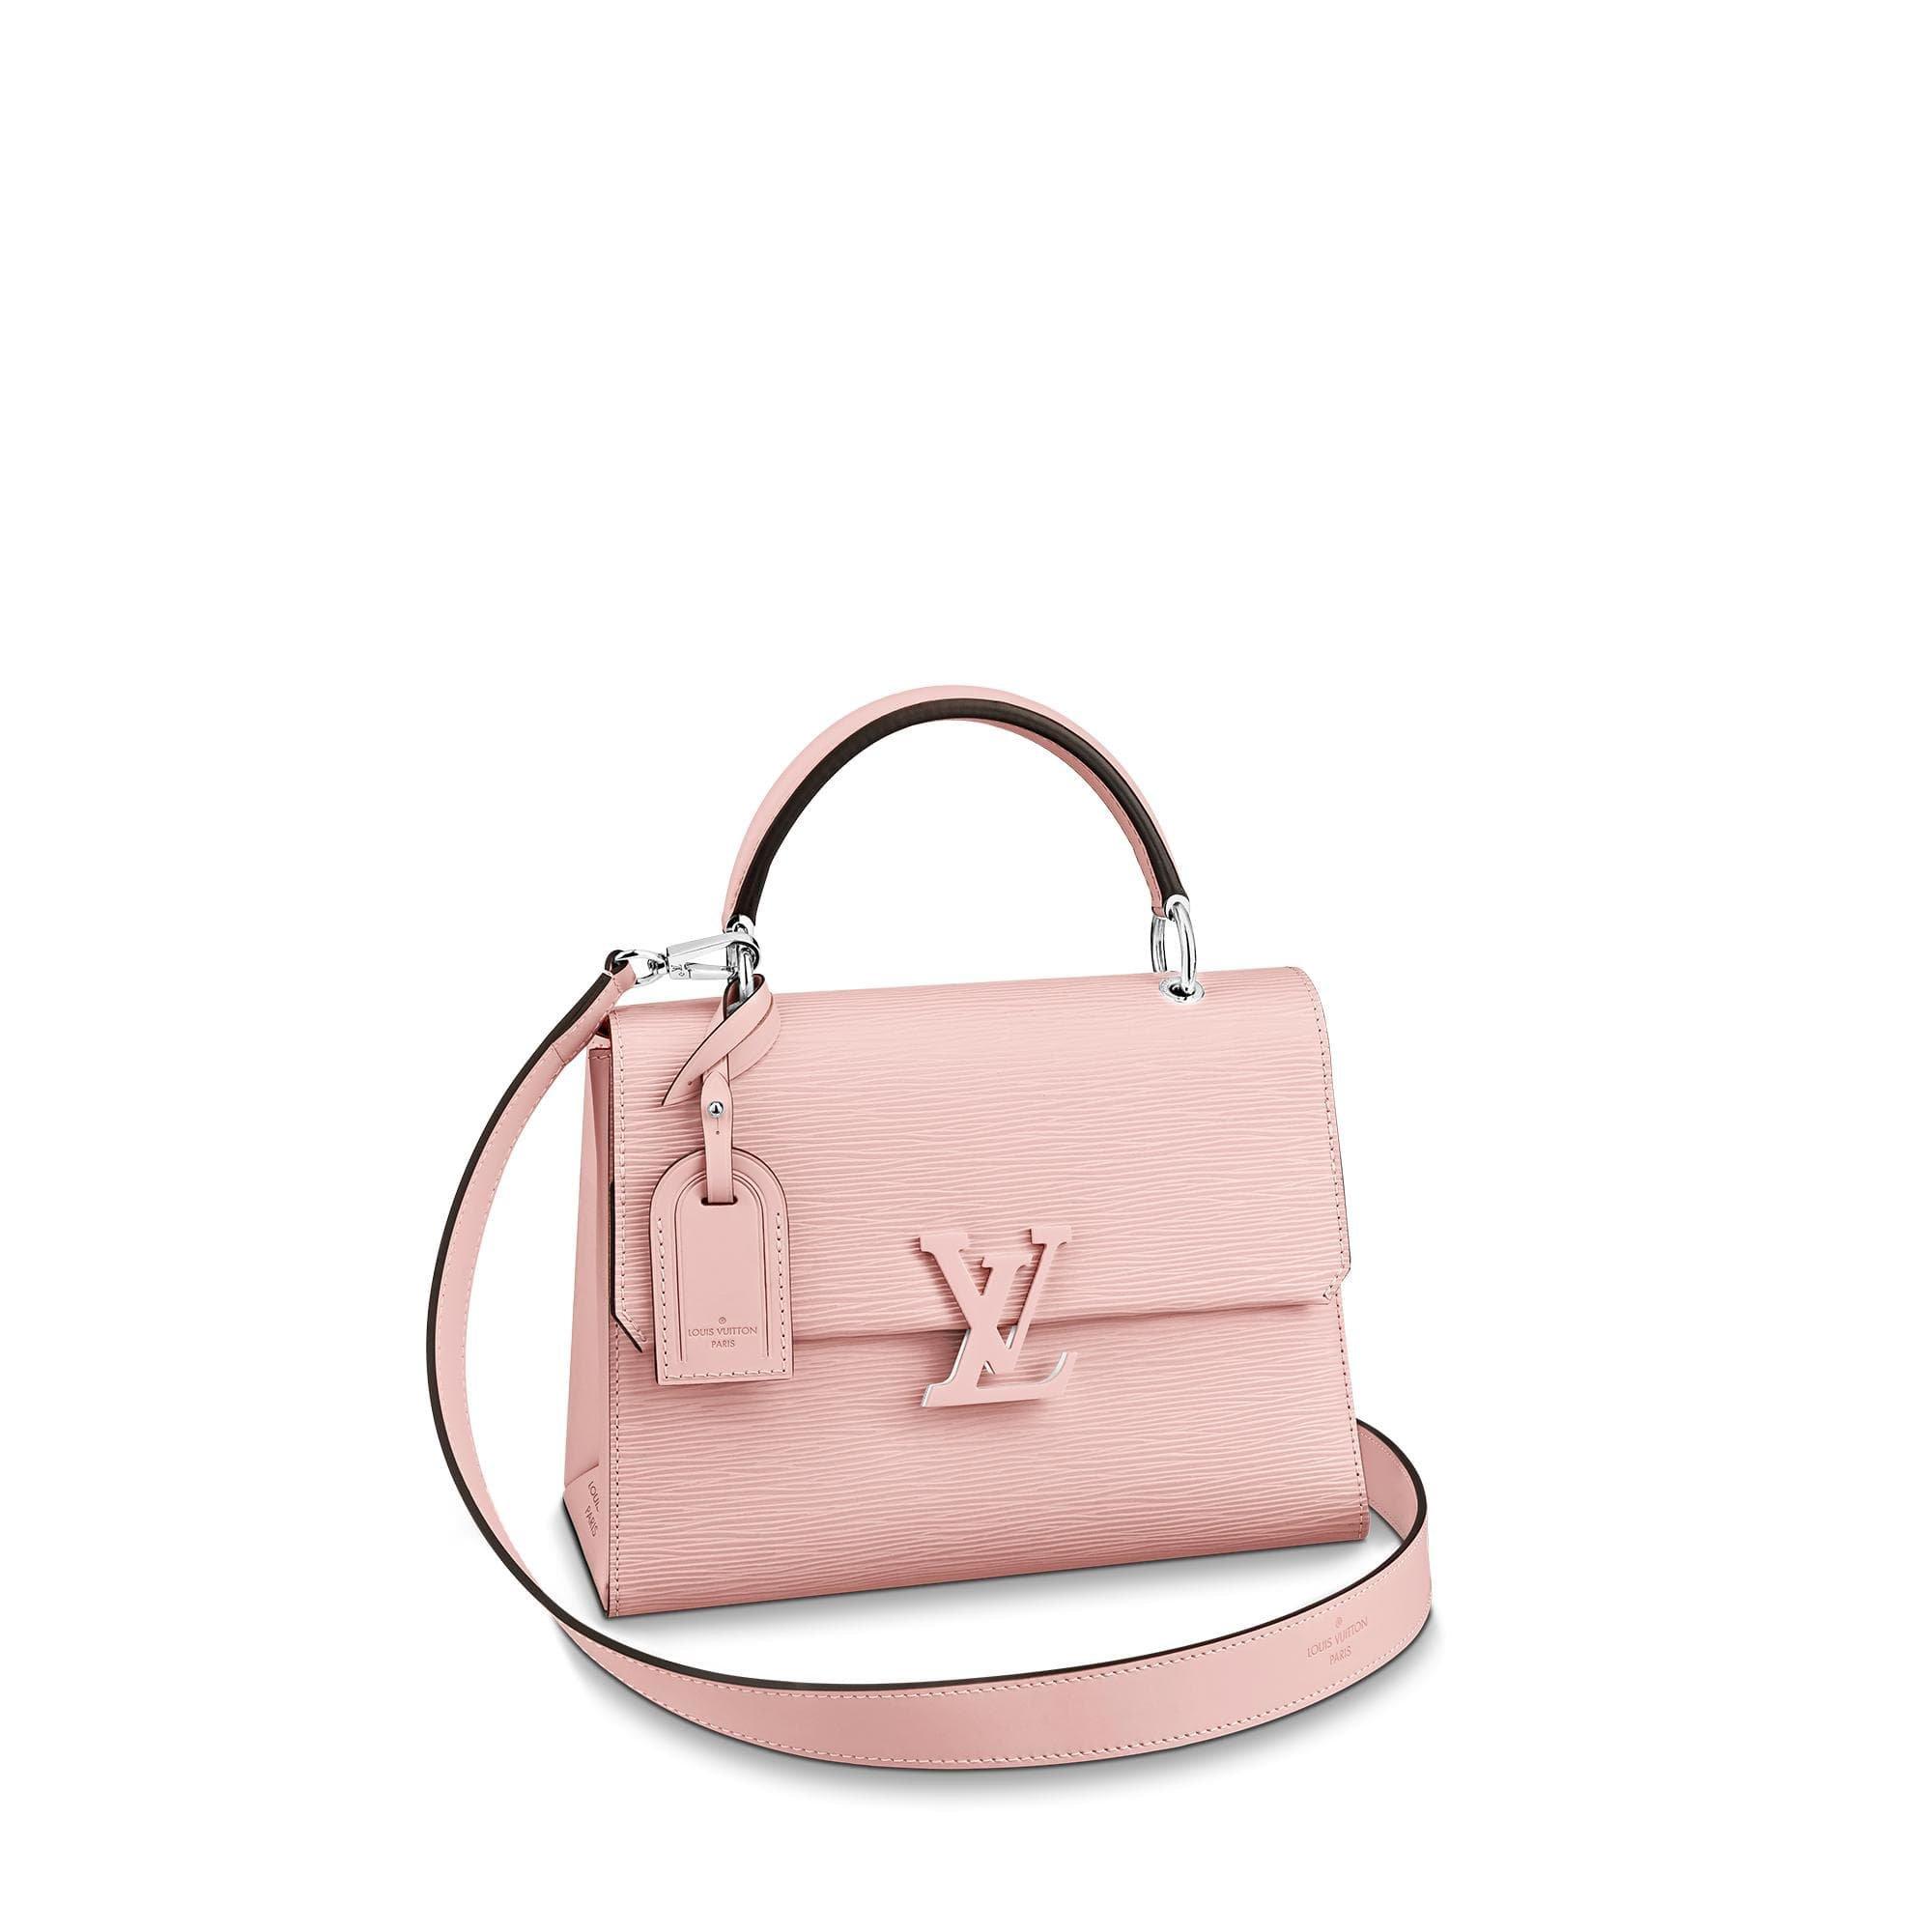 Grenelle PM Epi Leather - Handbags | LOUIS VUITTON ®